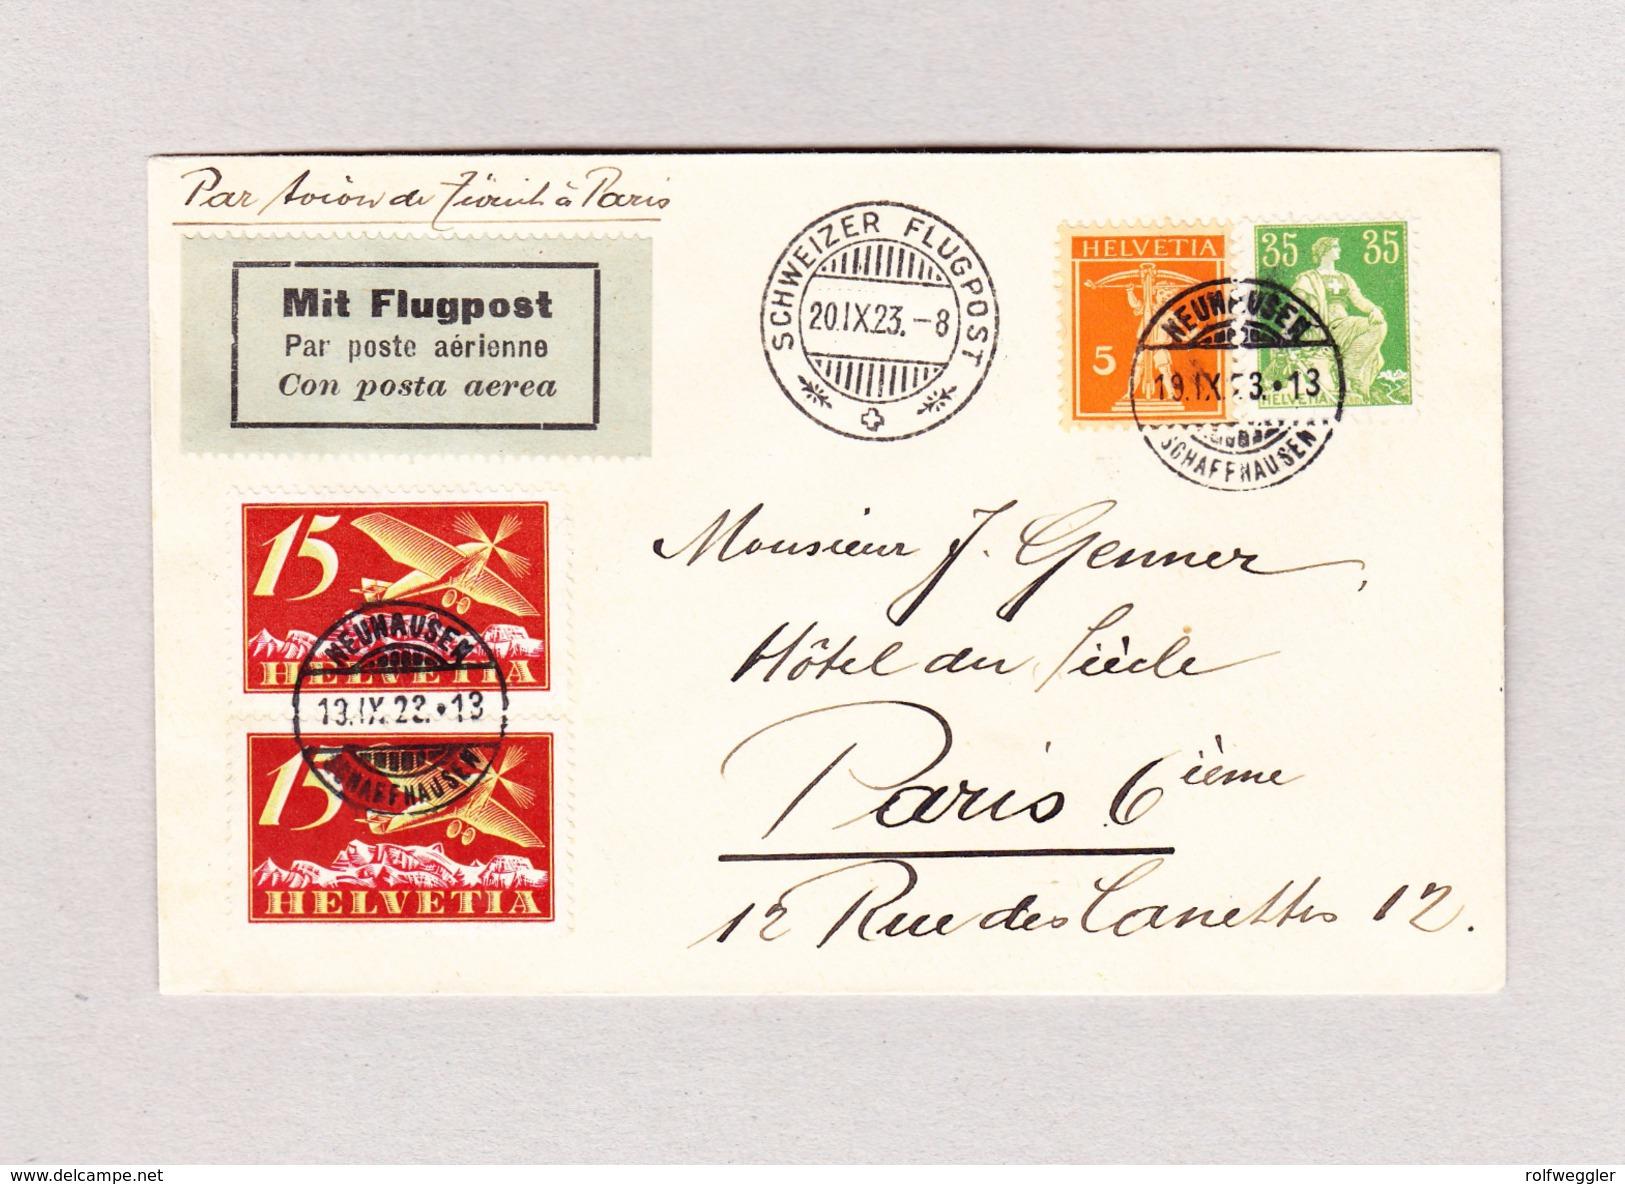 Schweiz Luftpost Handley Page  Schweizer Flugpost 20.9.1923 Brief Nach Paris Kommend Von Neuhausen SH - Poste Aérienne